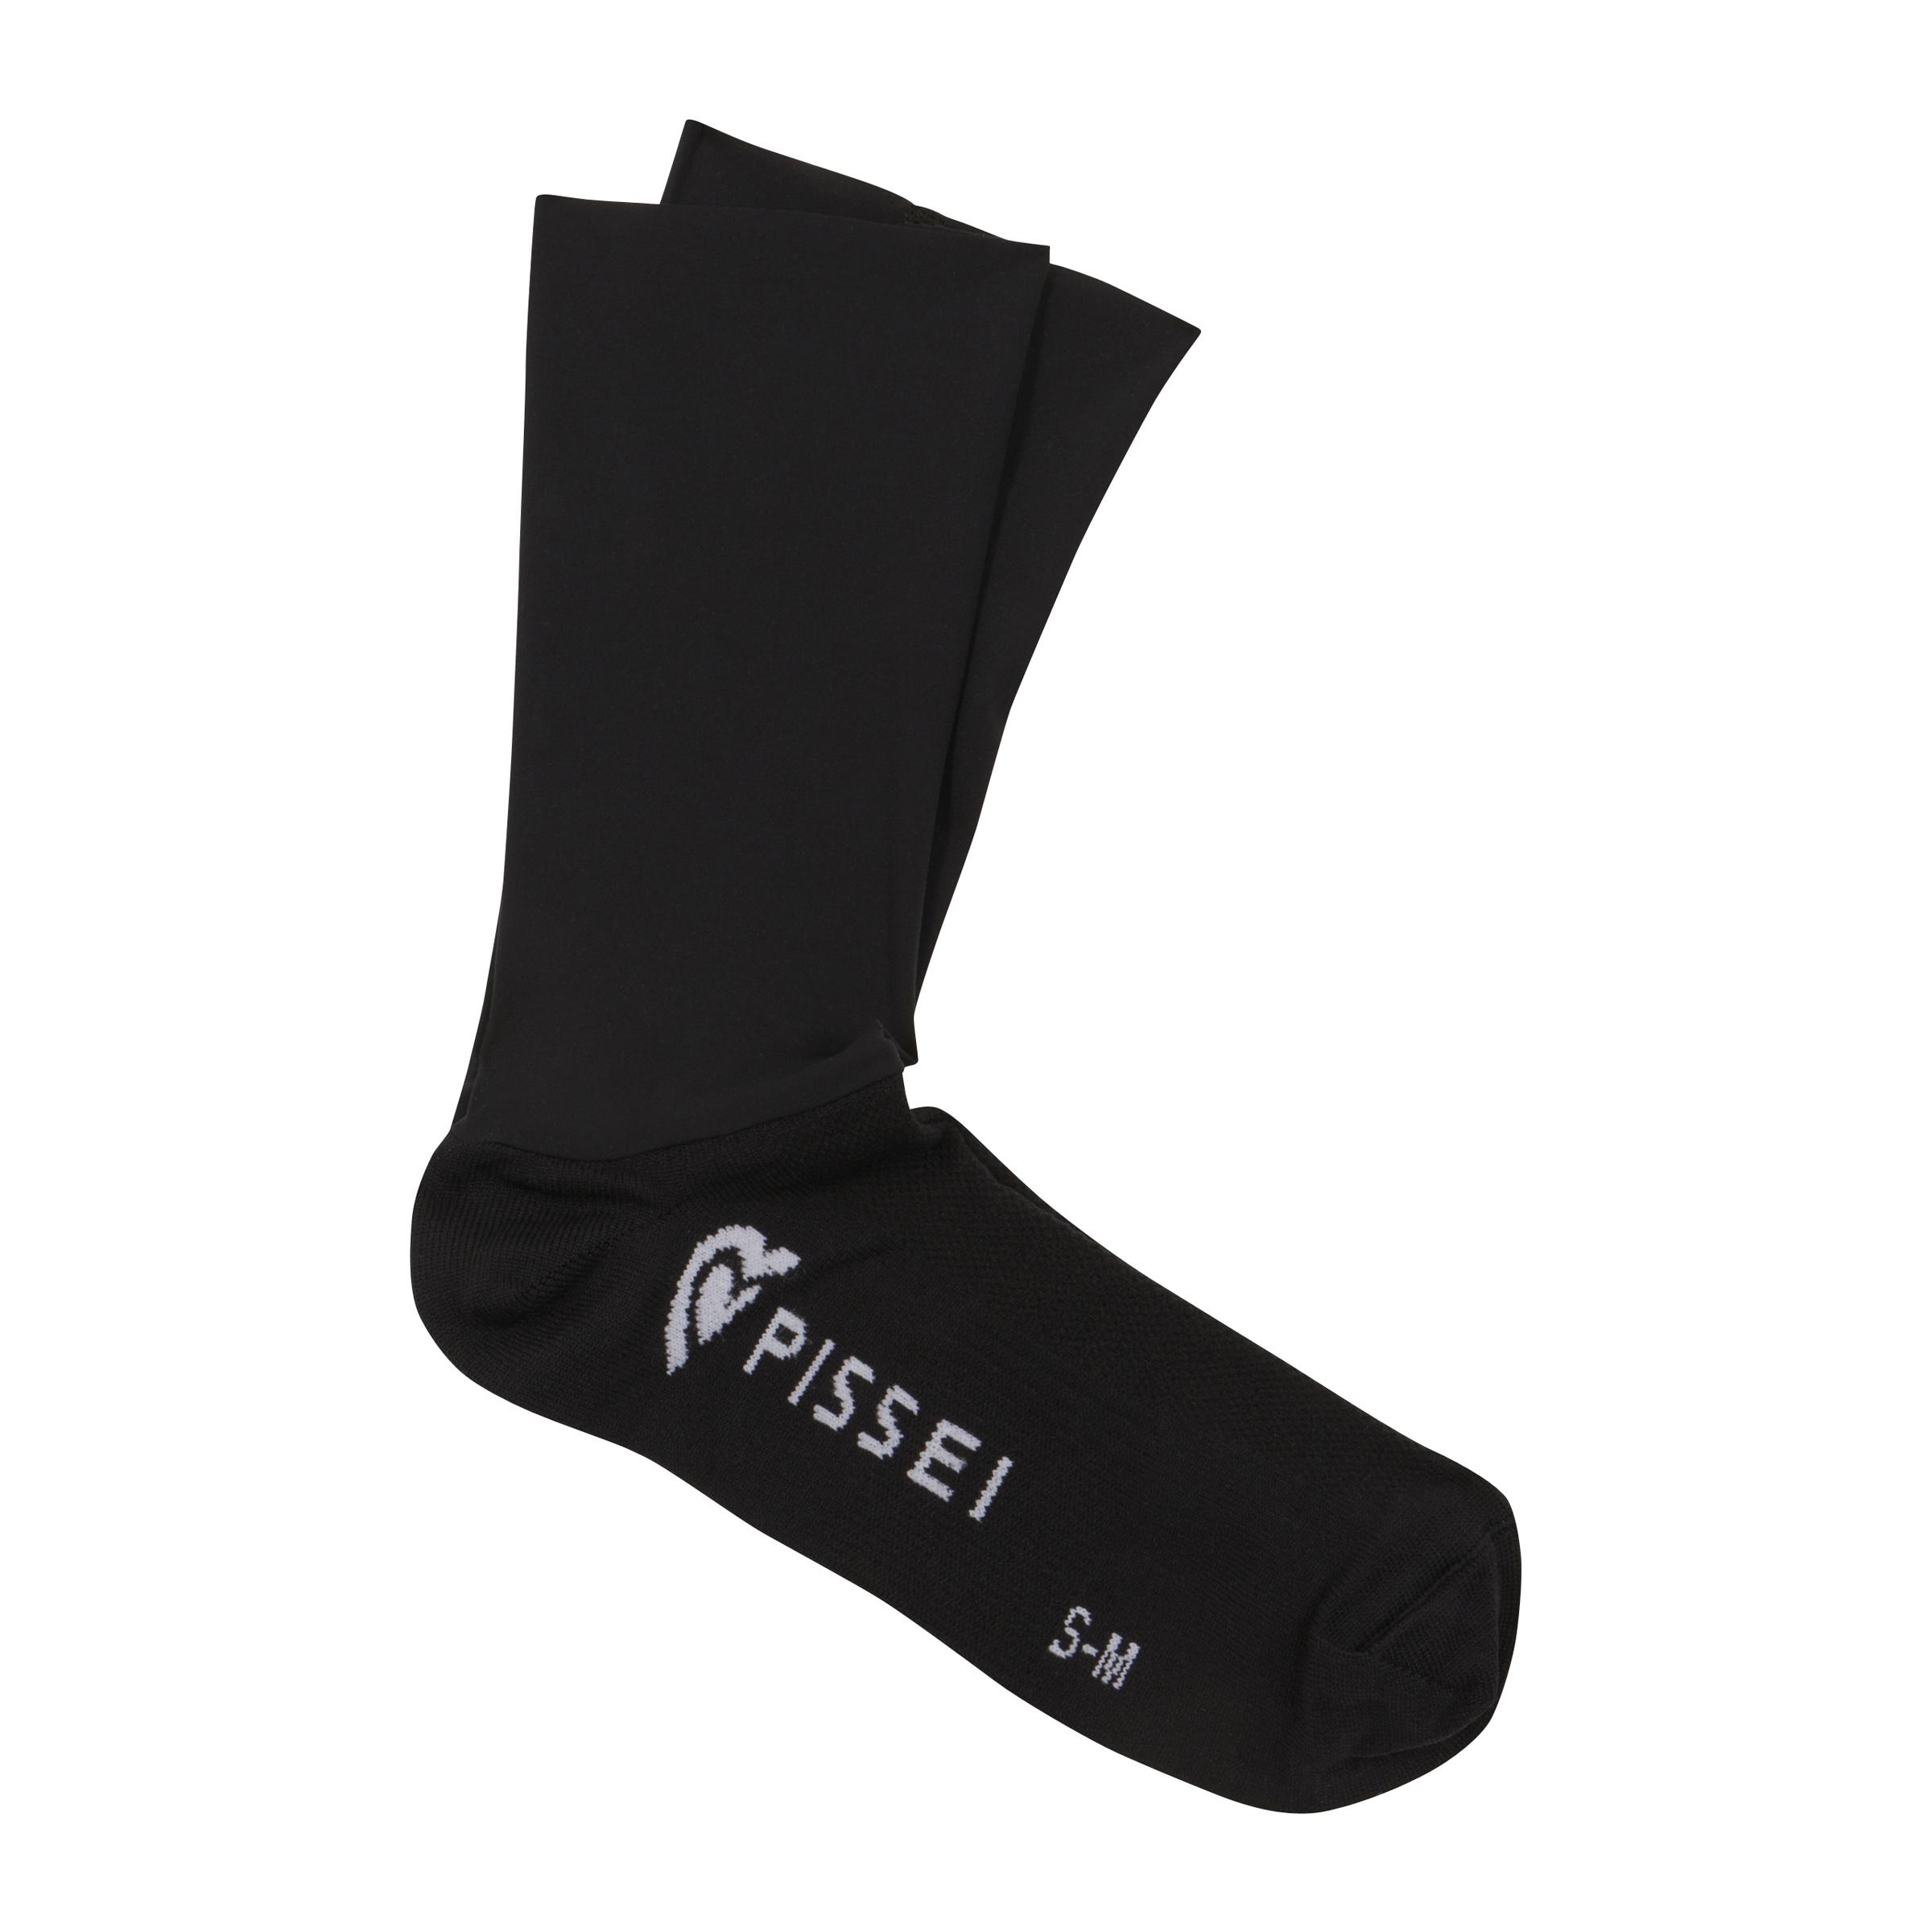 The Rake Riders Black Woolskin Custom Summer Socks